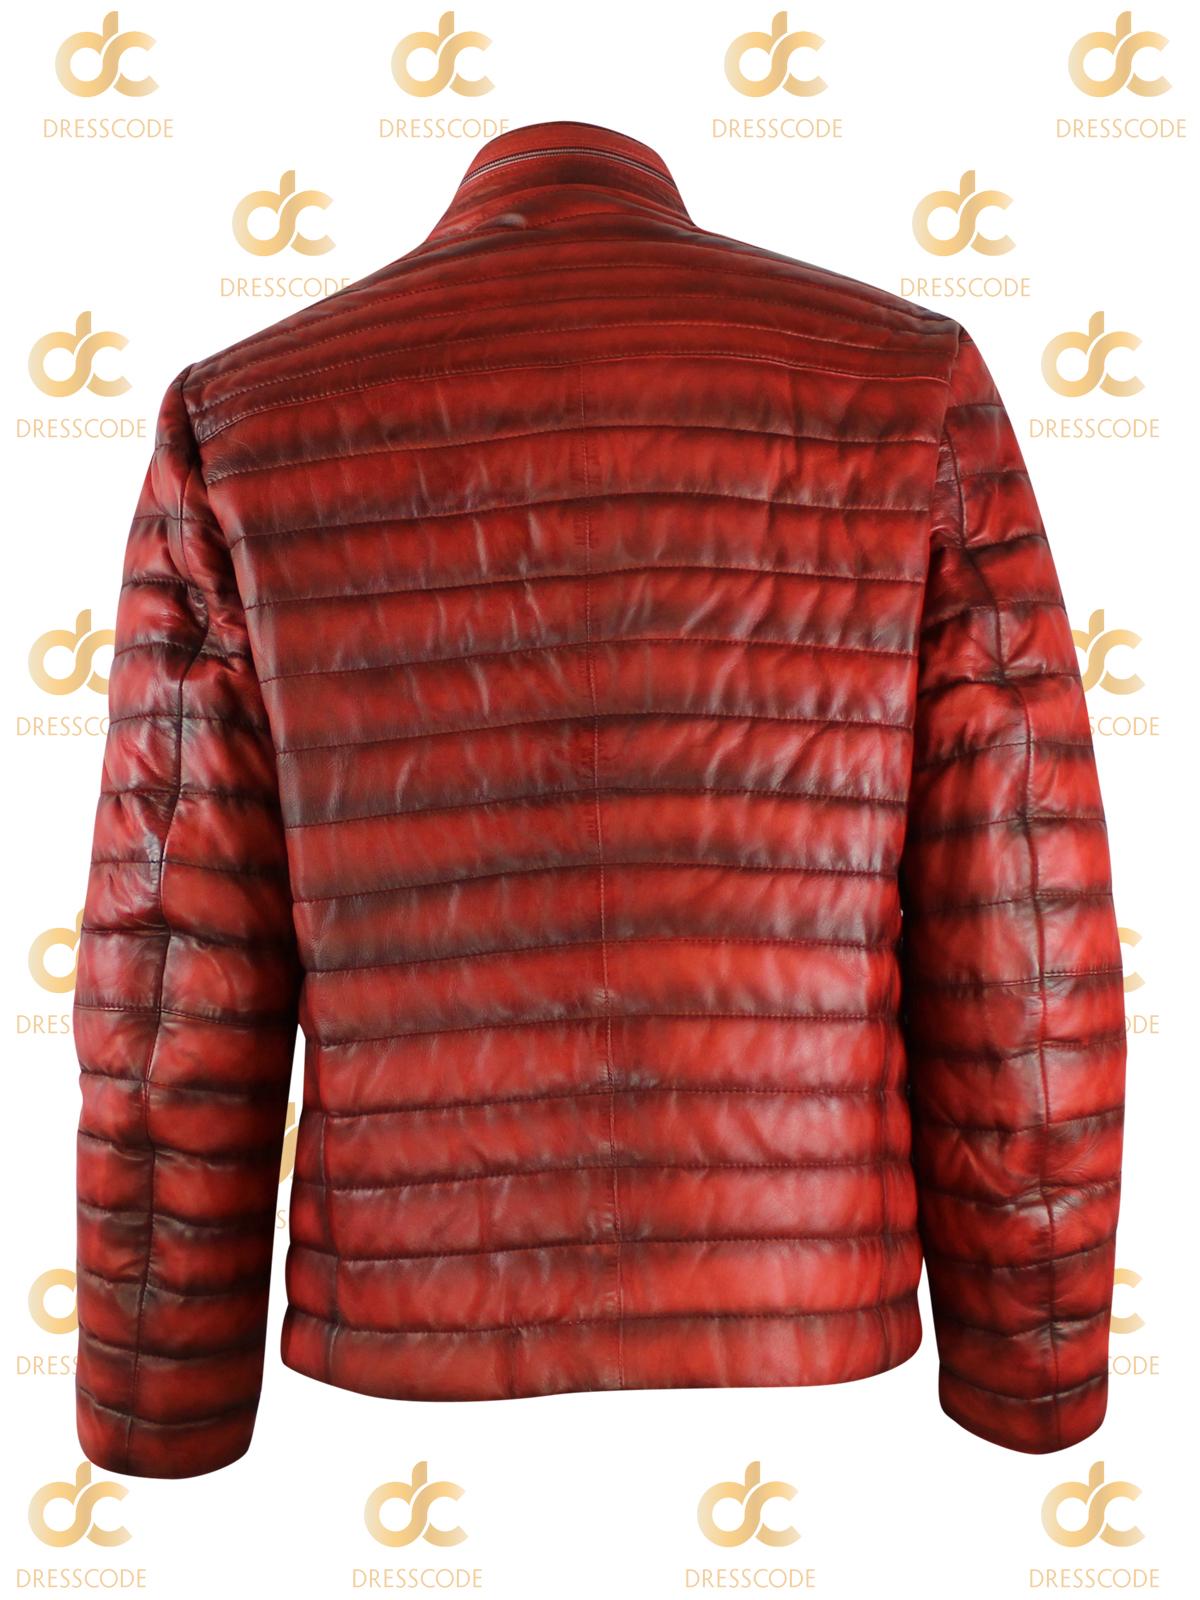 napa título cuero chaqueta acerca Milestone chaqueta Tesino de de transición Detalles acolchada invierno rojo mostrar de señores original nOPkw80X